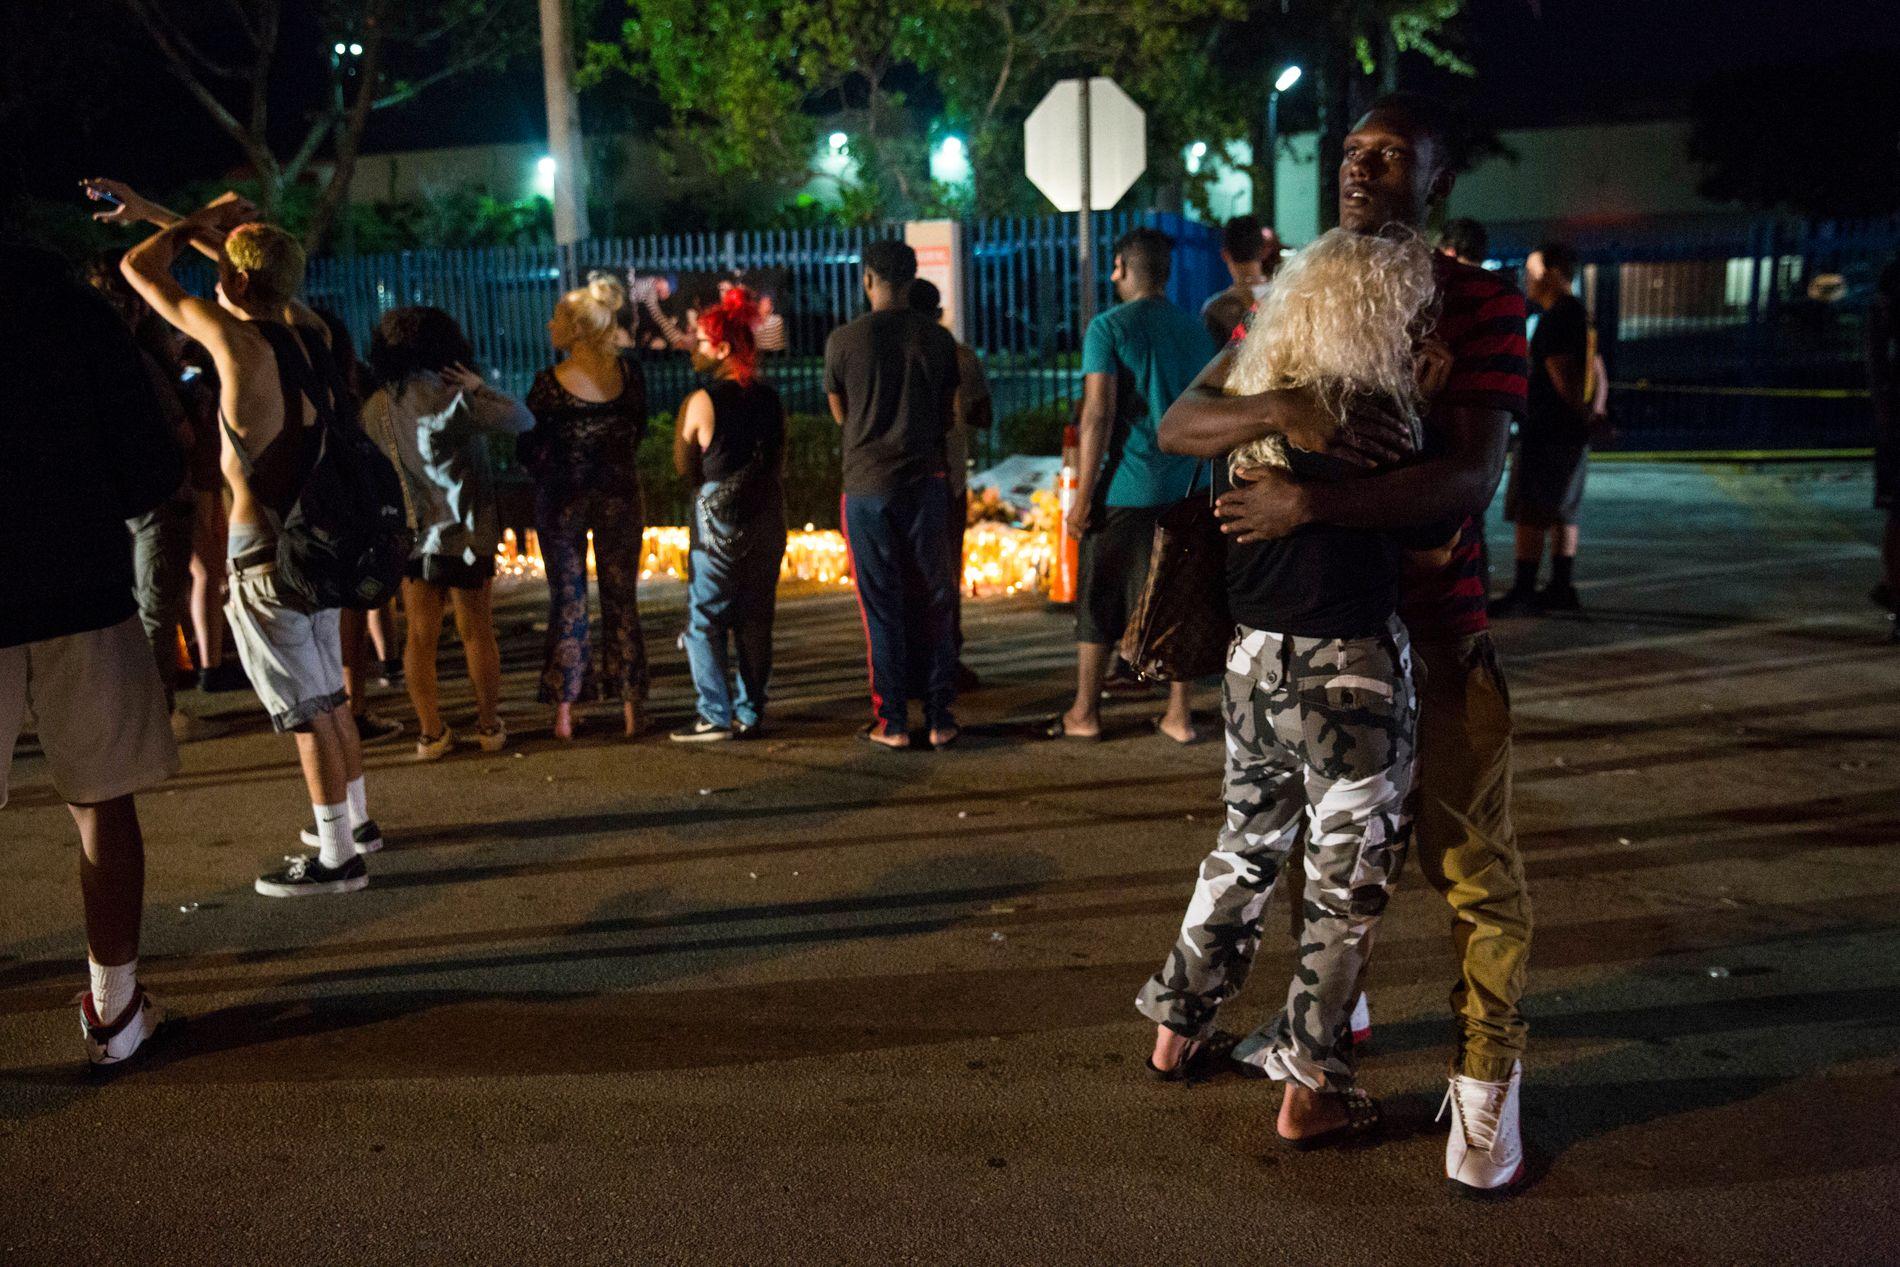 SAMLET SEG: Fansen er i opprør etter drapet på XXXTentacion. Mandag ble det dramatisk da en stor folkemengde samlet seg for å minnes artisten.